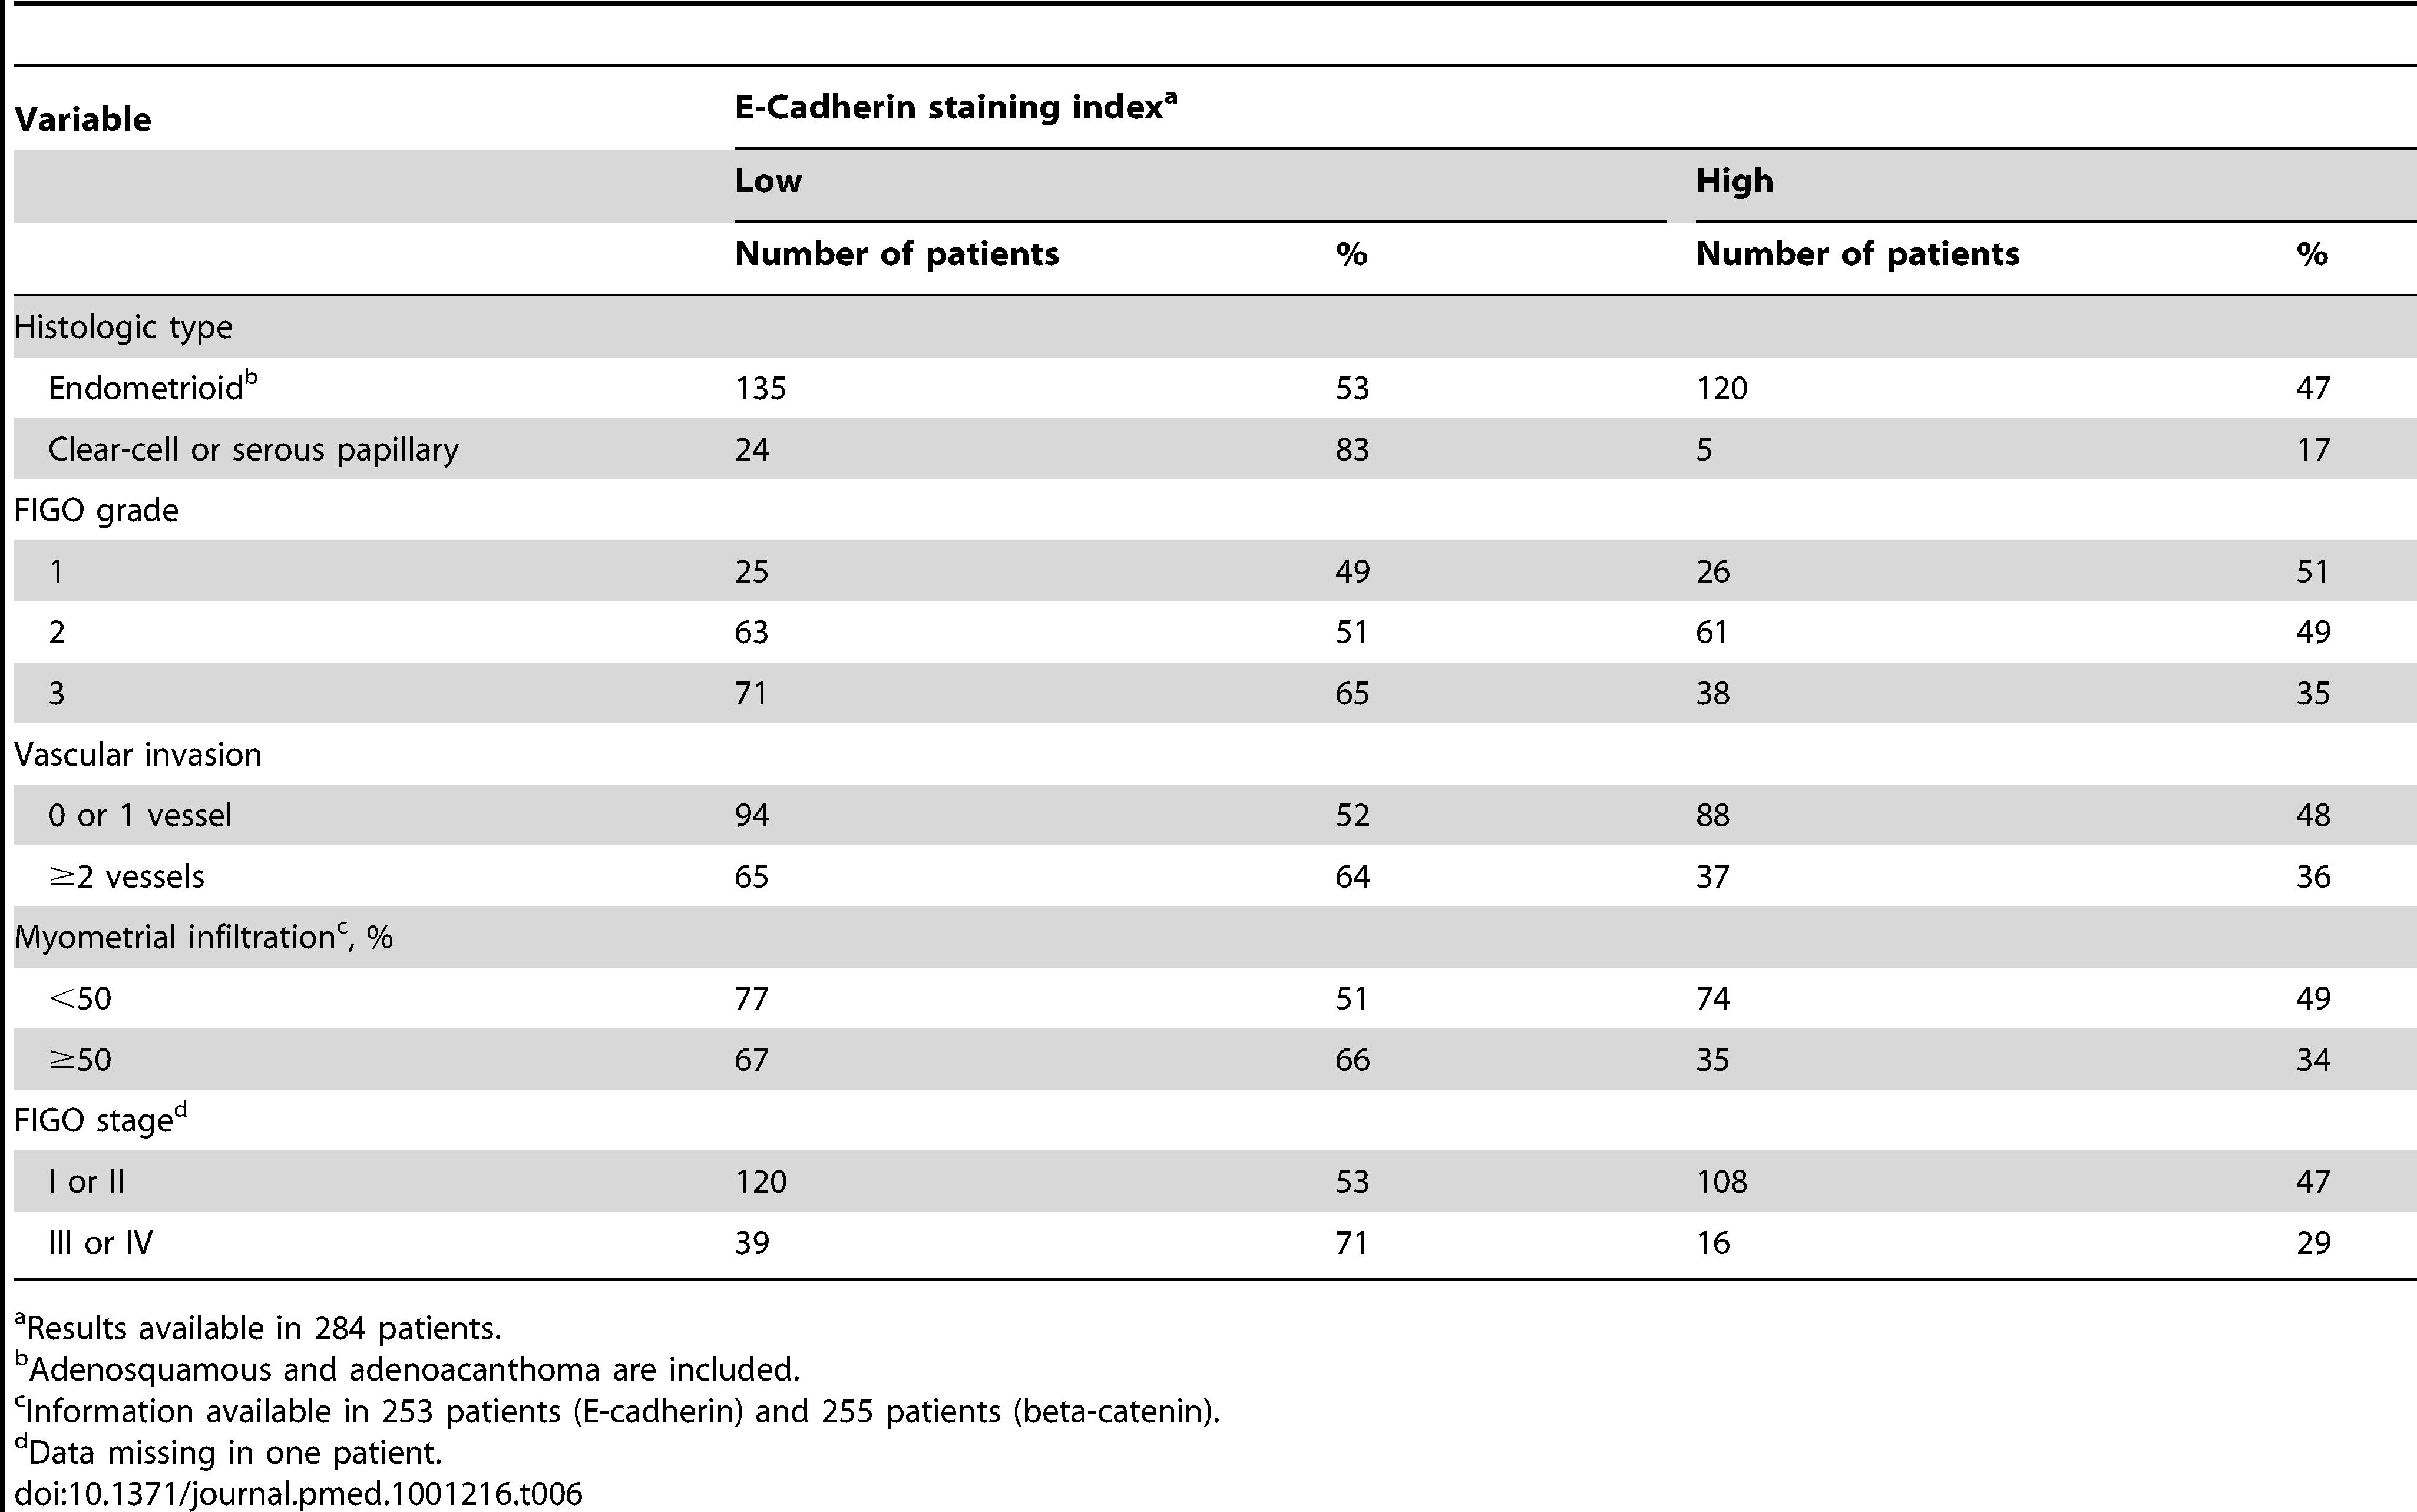 Relation between marker (E-Cadherin) and patient characteristics <em class=&quot;ref&quot;>[182]</em>.